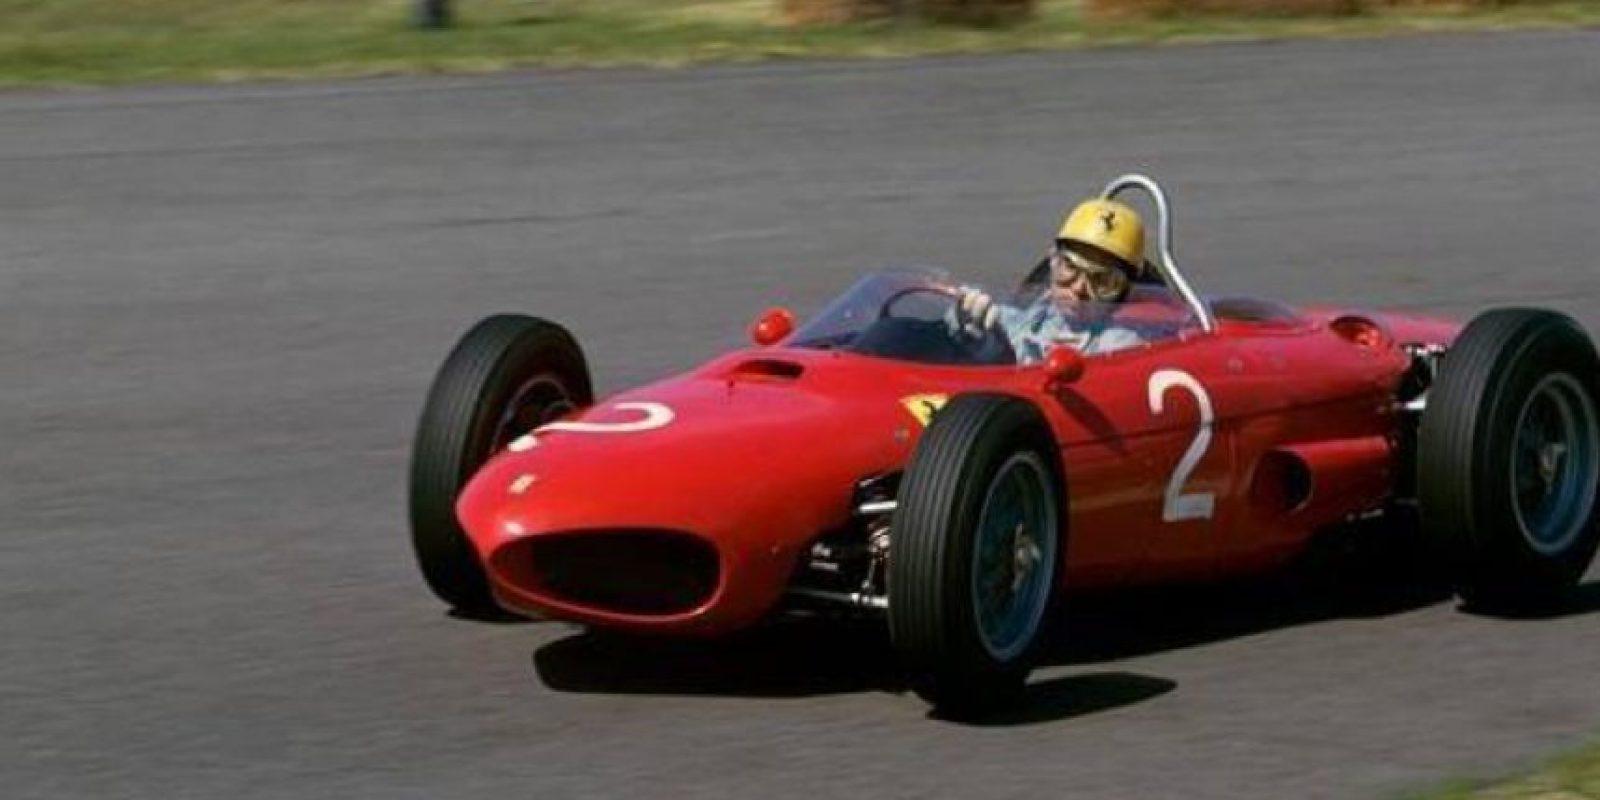 Ricardo se convirtió en el piloto más joven en participar en un Gran Premio de Fórmula Uno con 19 años y 208 días. Foto:Twitter